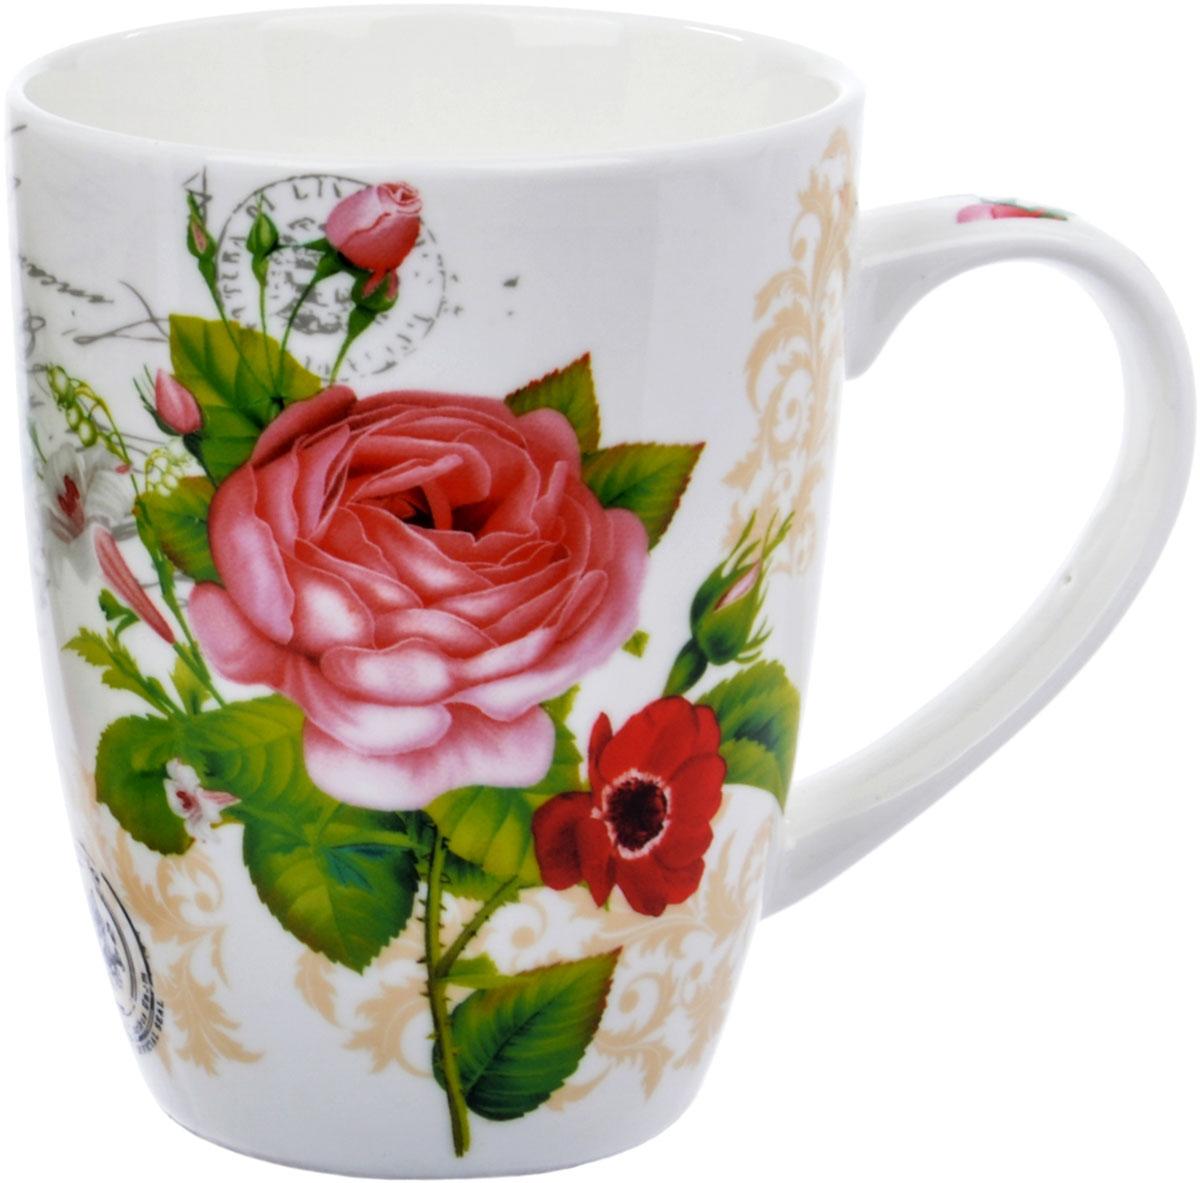 Кружка Ningbo Royal Роза садовая, 300 млRUCH070Фарфоровая кружка Ningbo Royal Роза садовая удивит вас приятным сочетанием отменного качества фарфора и цветочным декором. Кружка найдет свое применение как в городской квартире, так и в загородном доме. Элегантный декор будет одинаково хорошо смотреться в любое время года. Кружку Ningbo Royal Роза садовая можно использовать в СВЧ и мыть в посудомоечной машине.